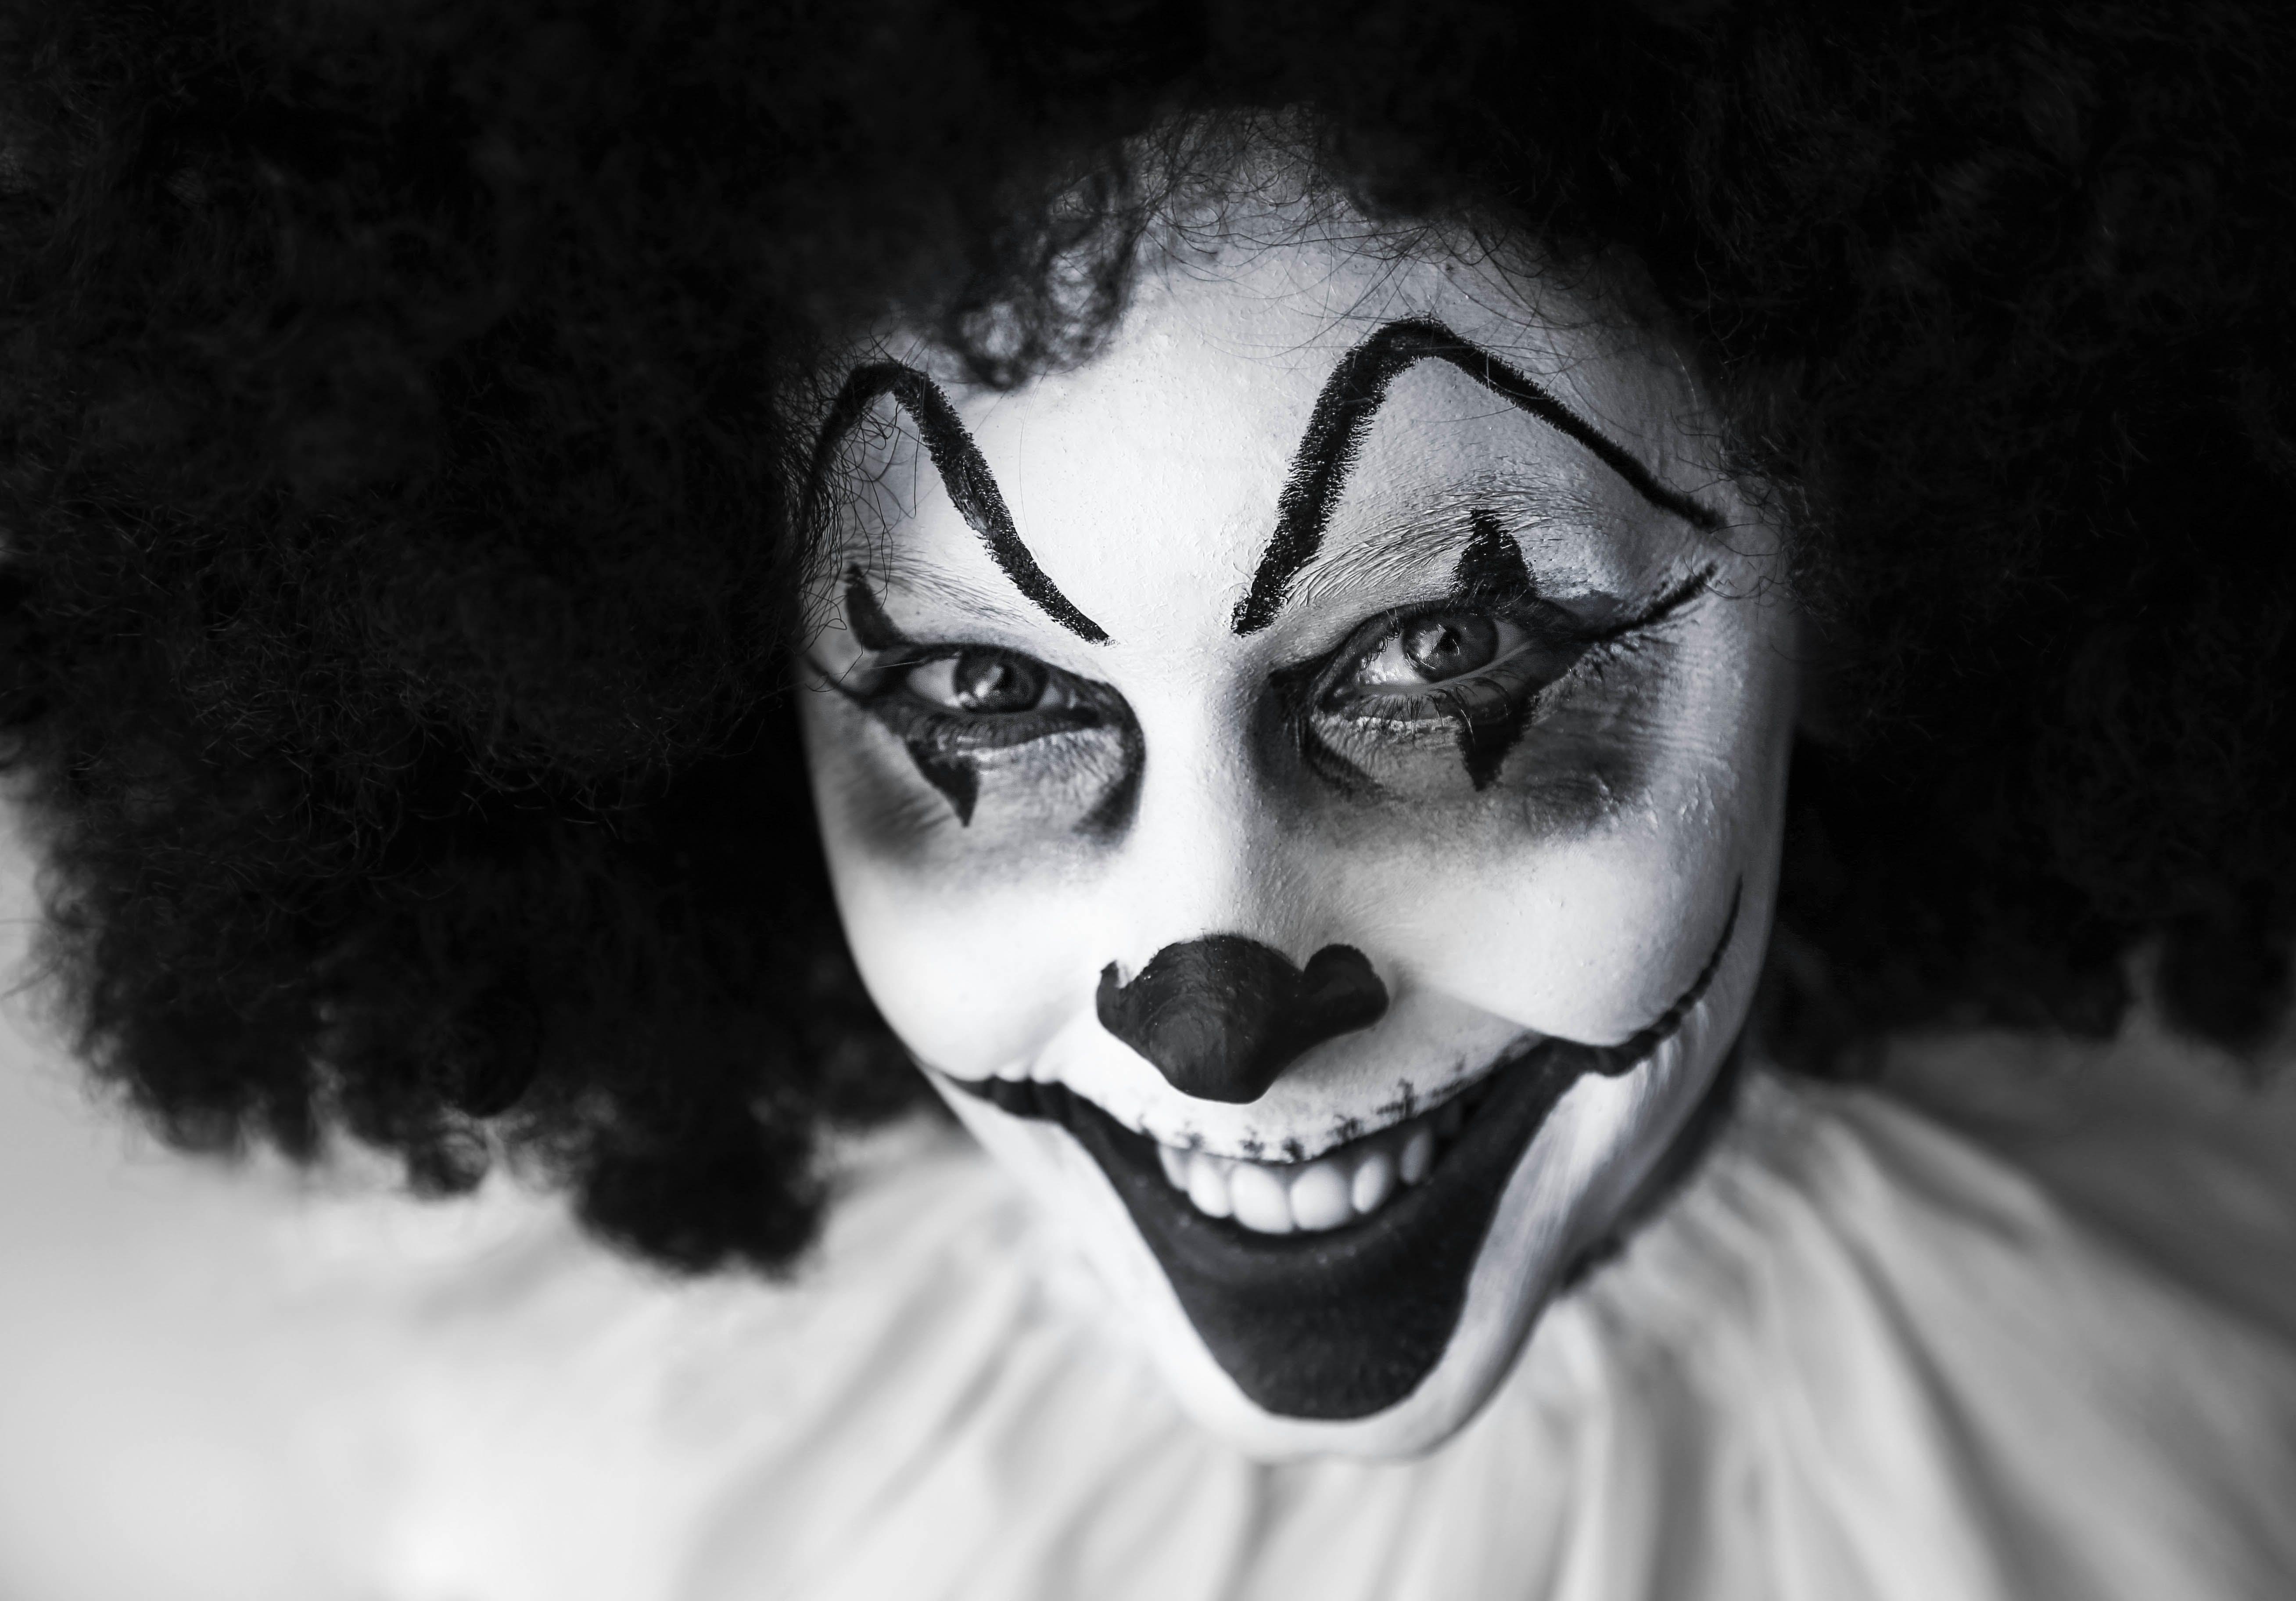 Man in Clown Costume